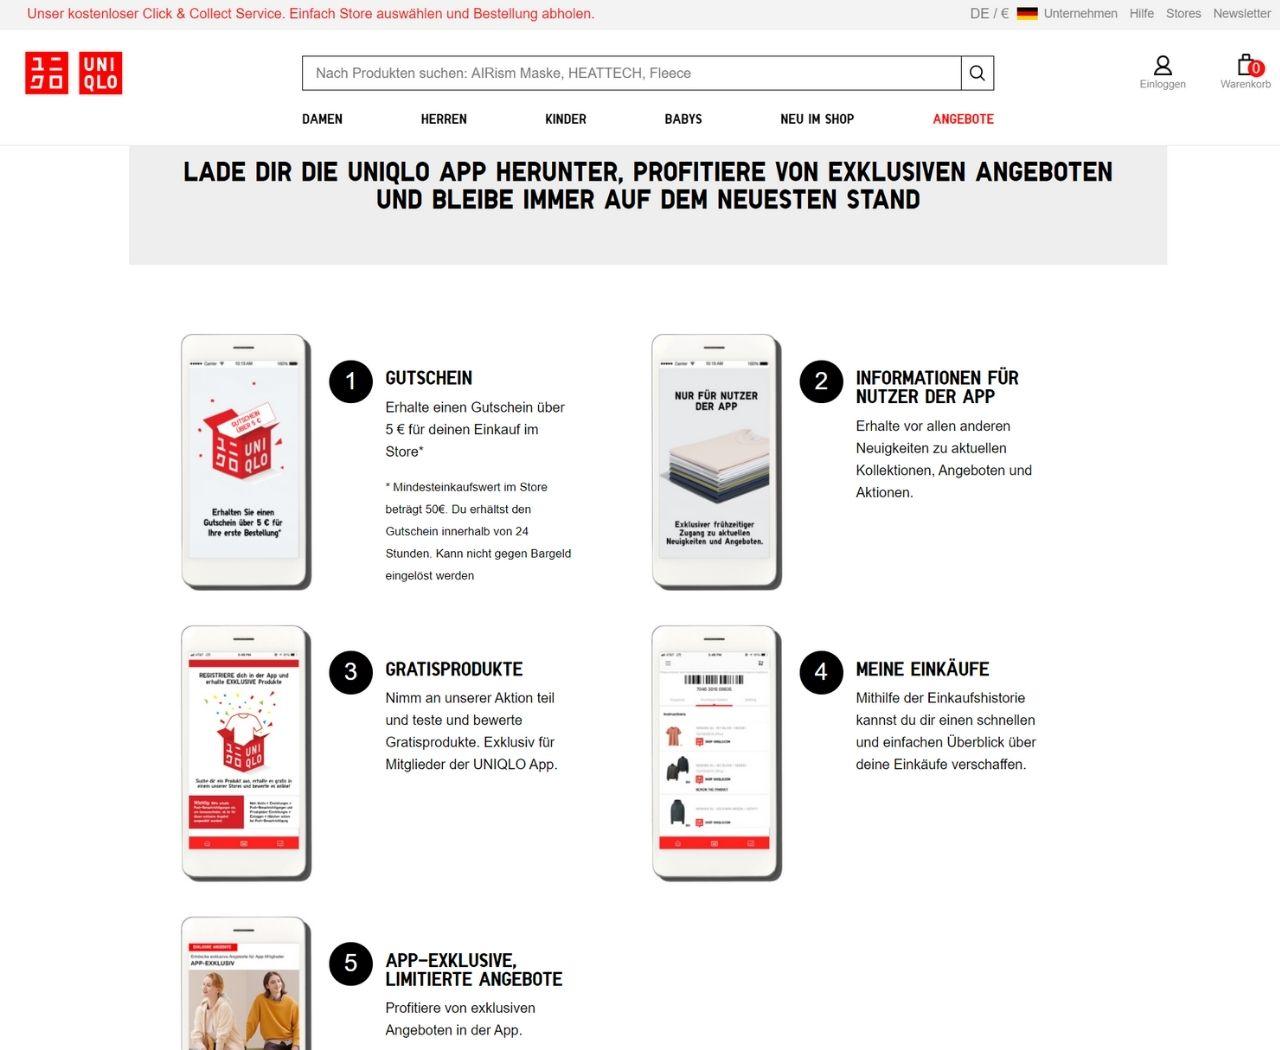 Die App von Uniqlo bietet Rabatte, kostenlose Geschenke und exklusive Angebote